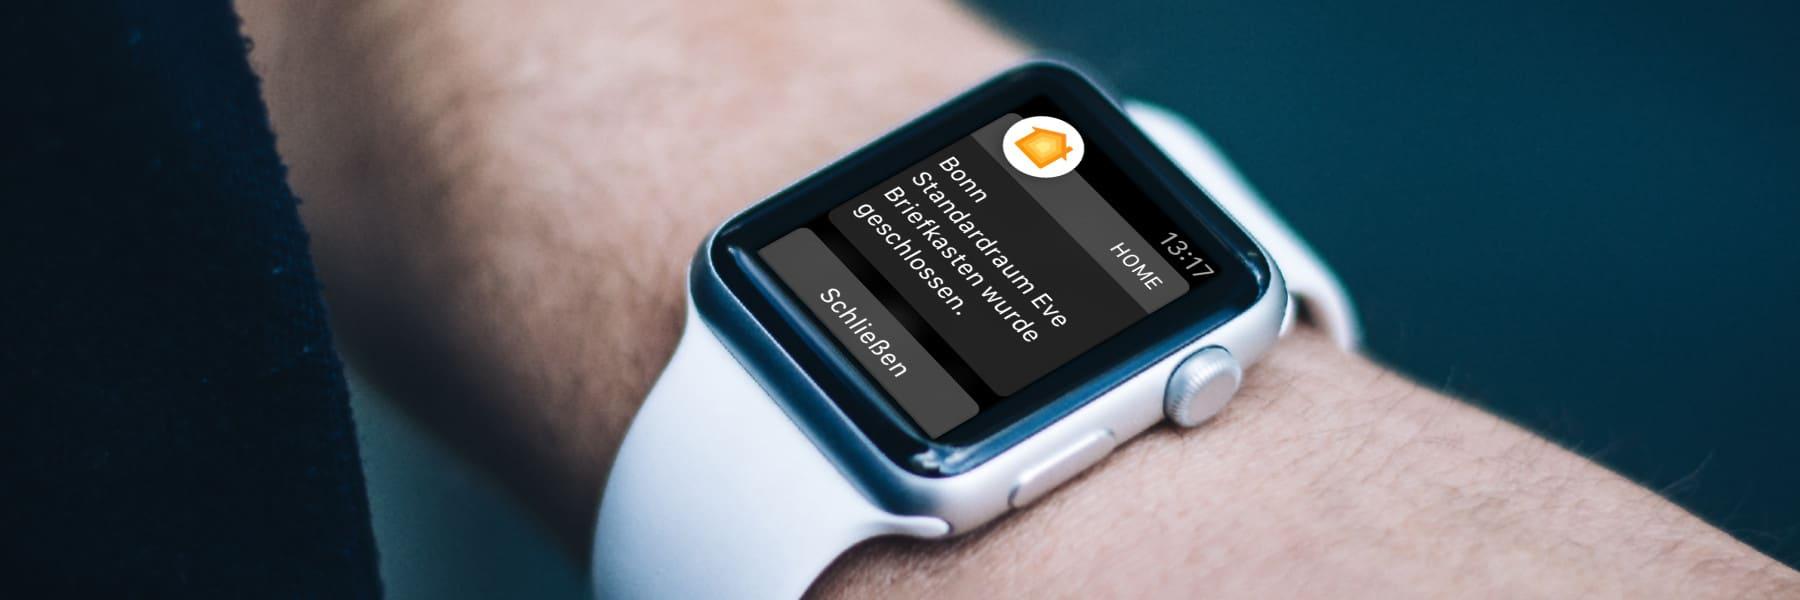 iOS 10.2 bringt Pushbenachrichtigungen für weitere HomeKit Geräte